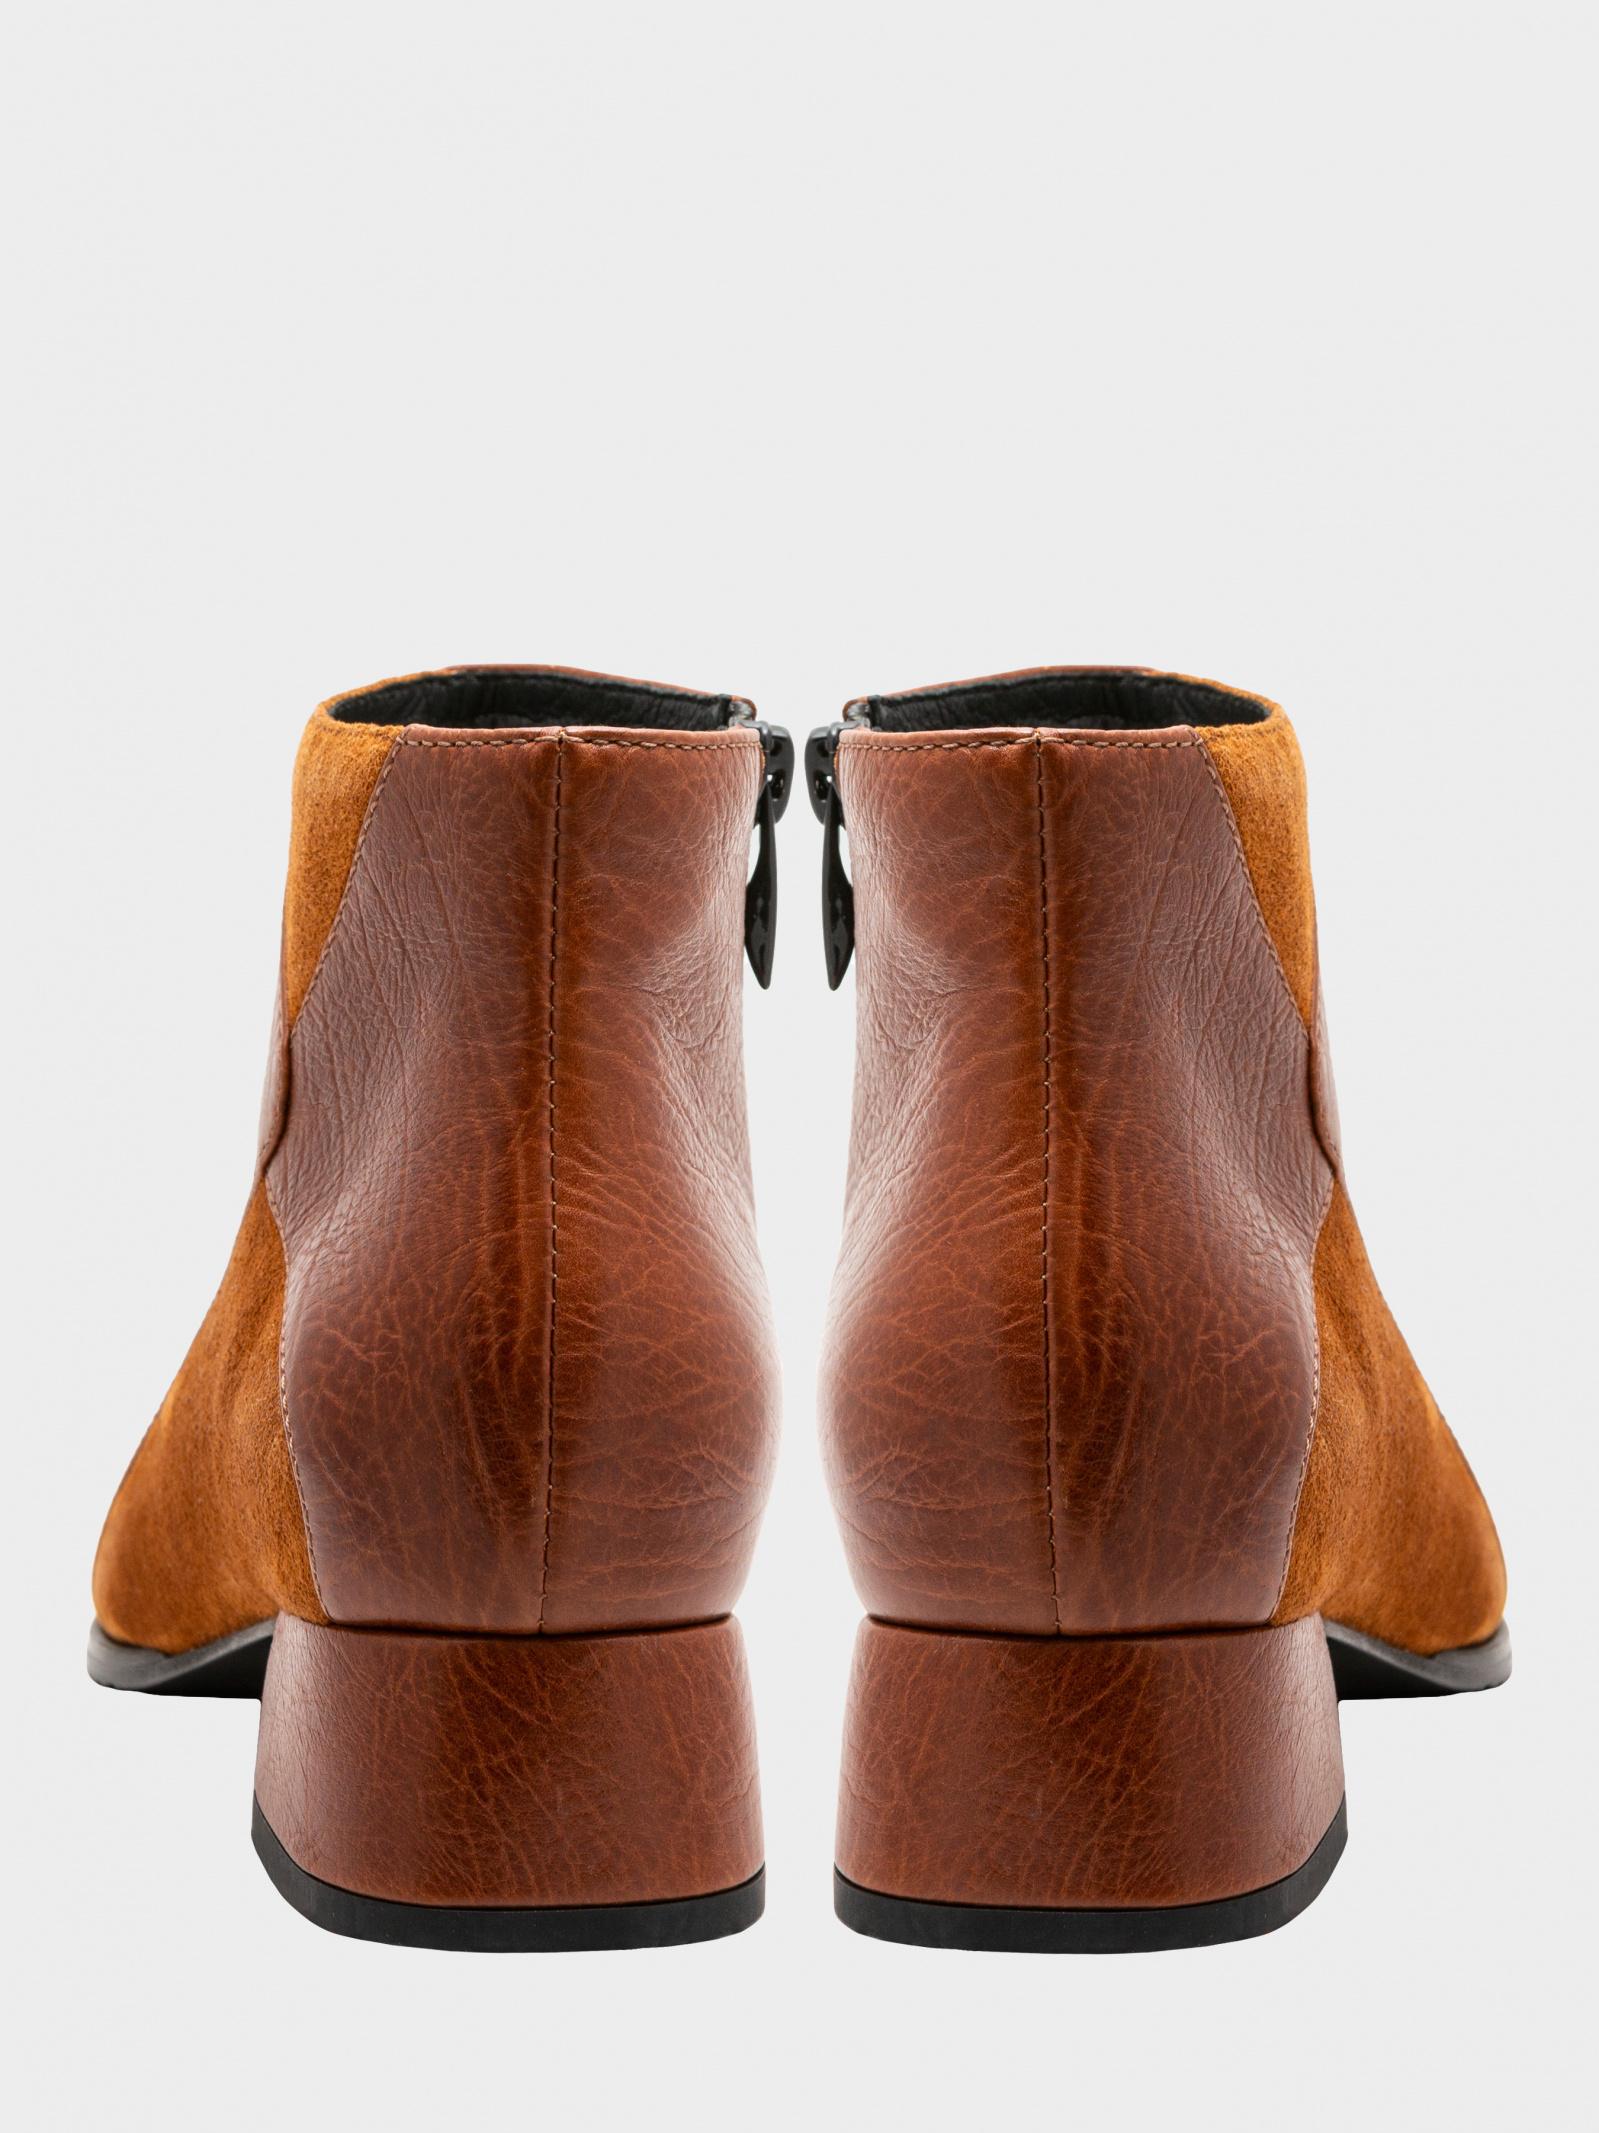 Черевики  для жінок Enzo Verratti 18-10029-4br продаж, 2017